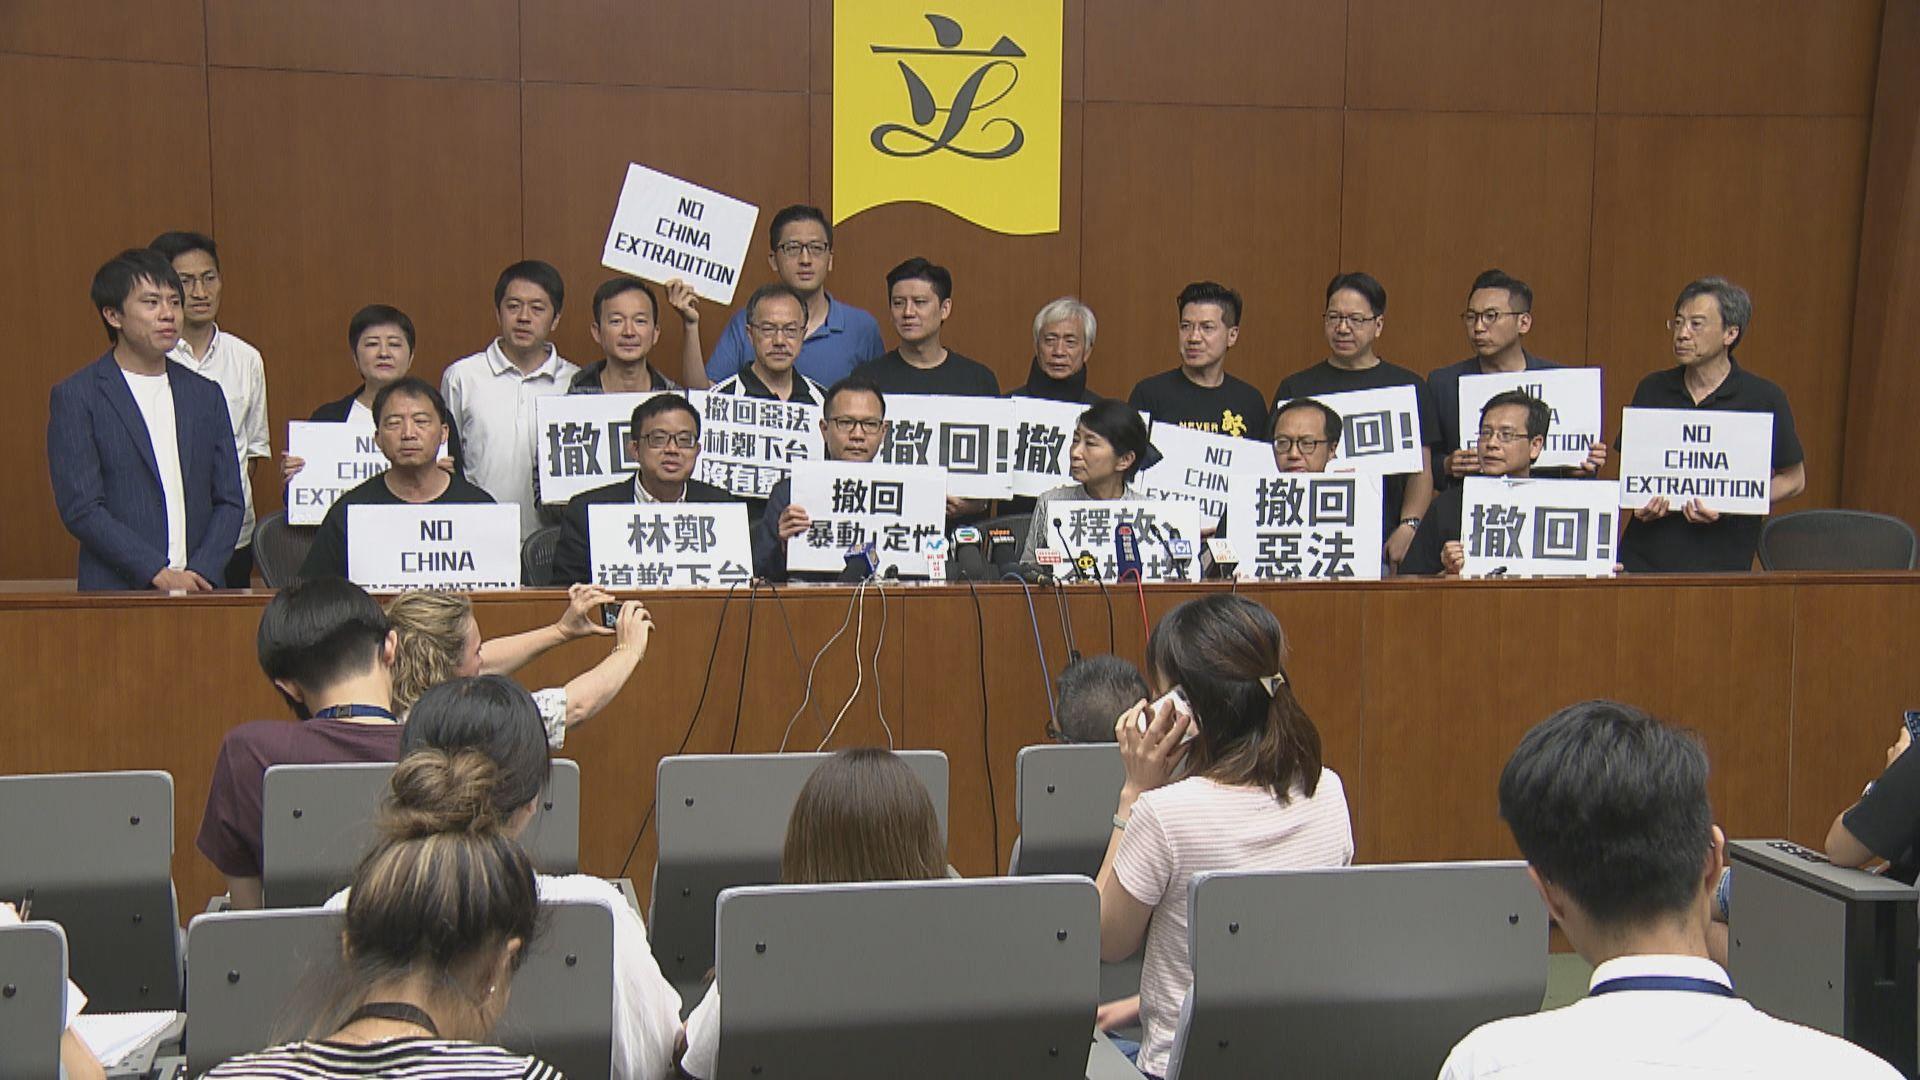 民主派要求林鄭釋放和不檢控示威者